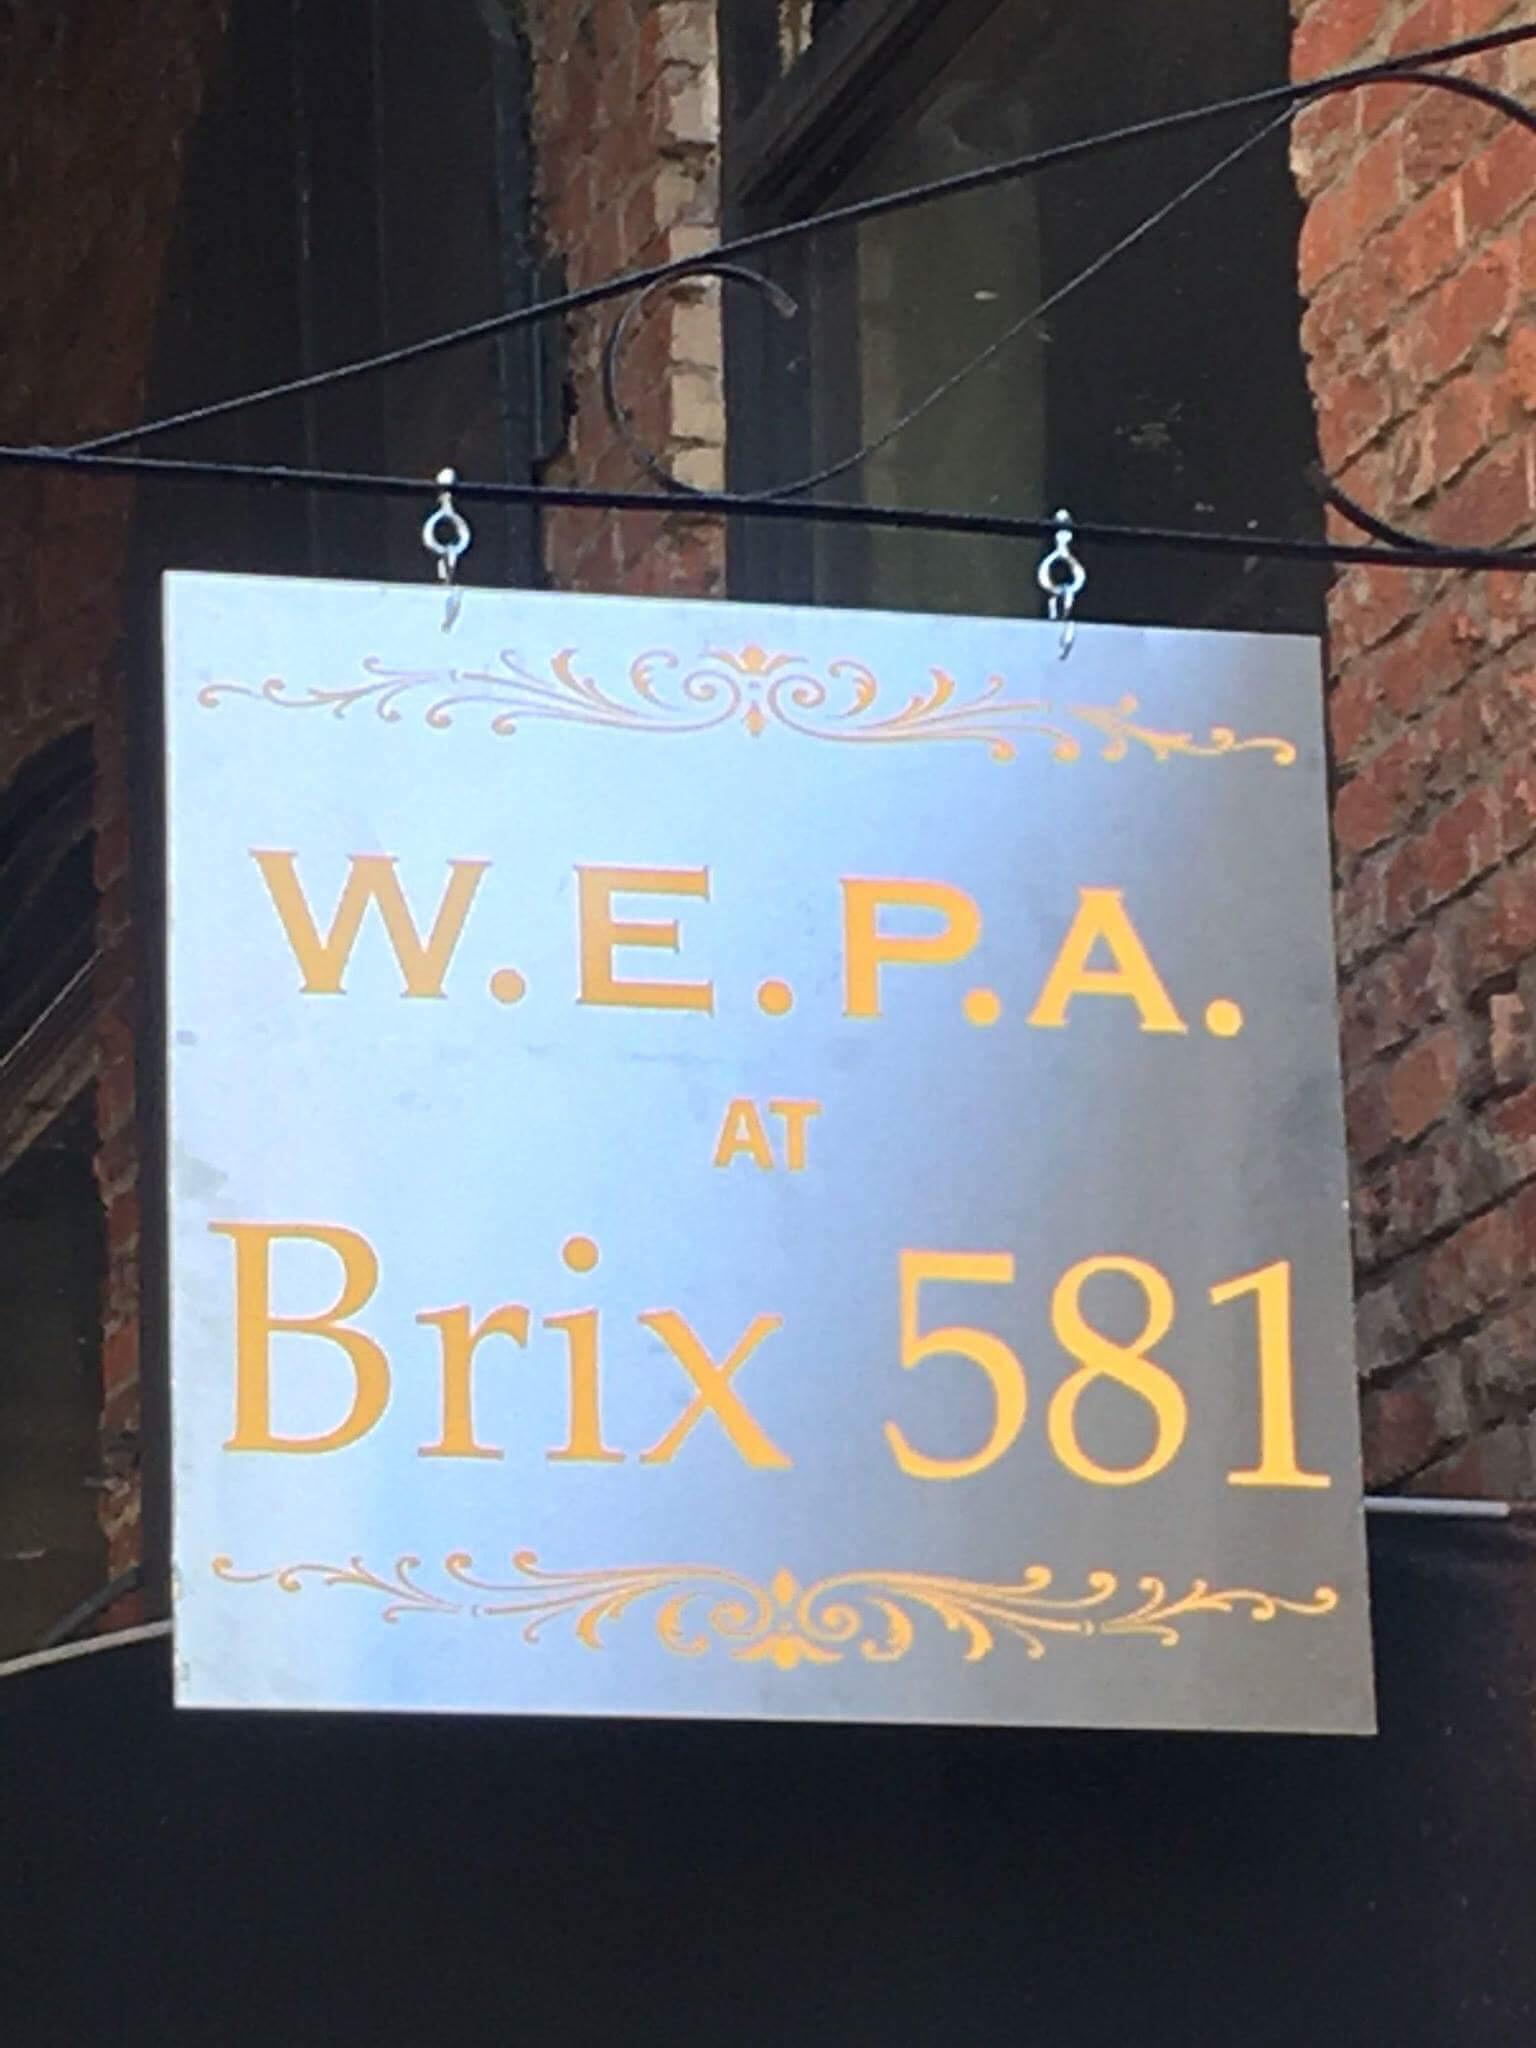 W.E.P.A. at Brix581